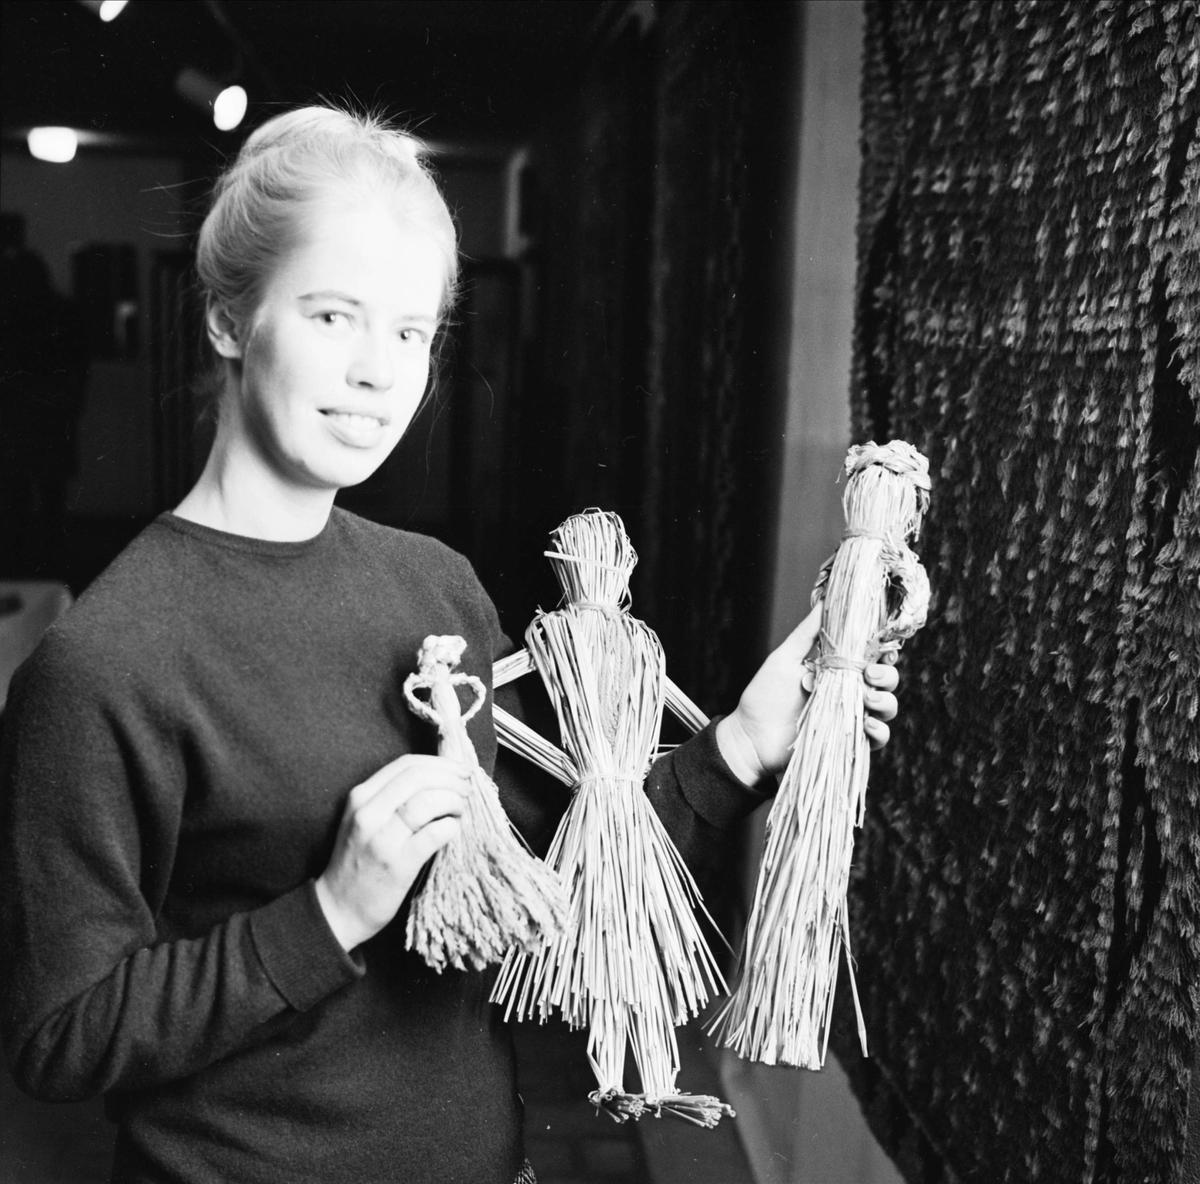 """""""Upplands forna husmödrar hade gäster i julhushållet"""" - Helena Harnesk visar halmdockor, Uppsala 1963"""